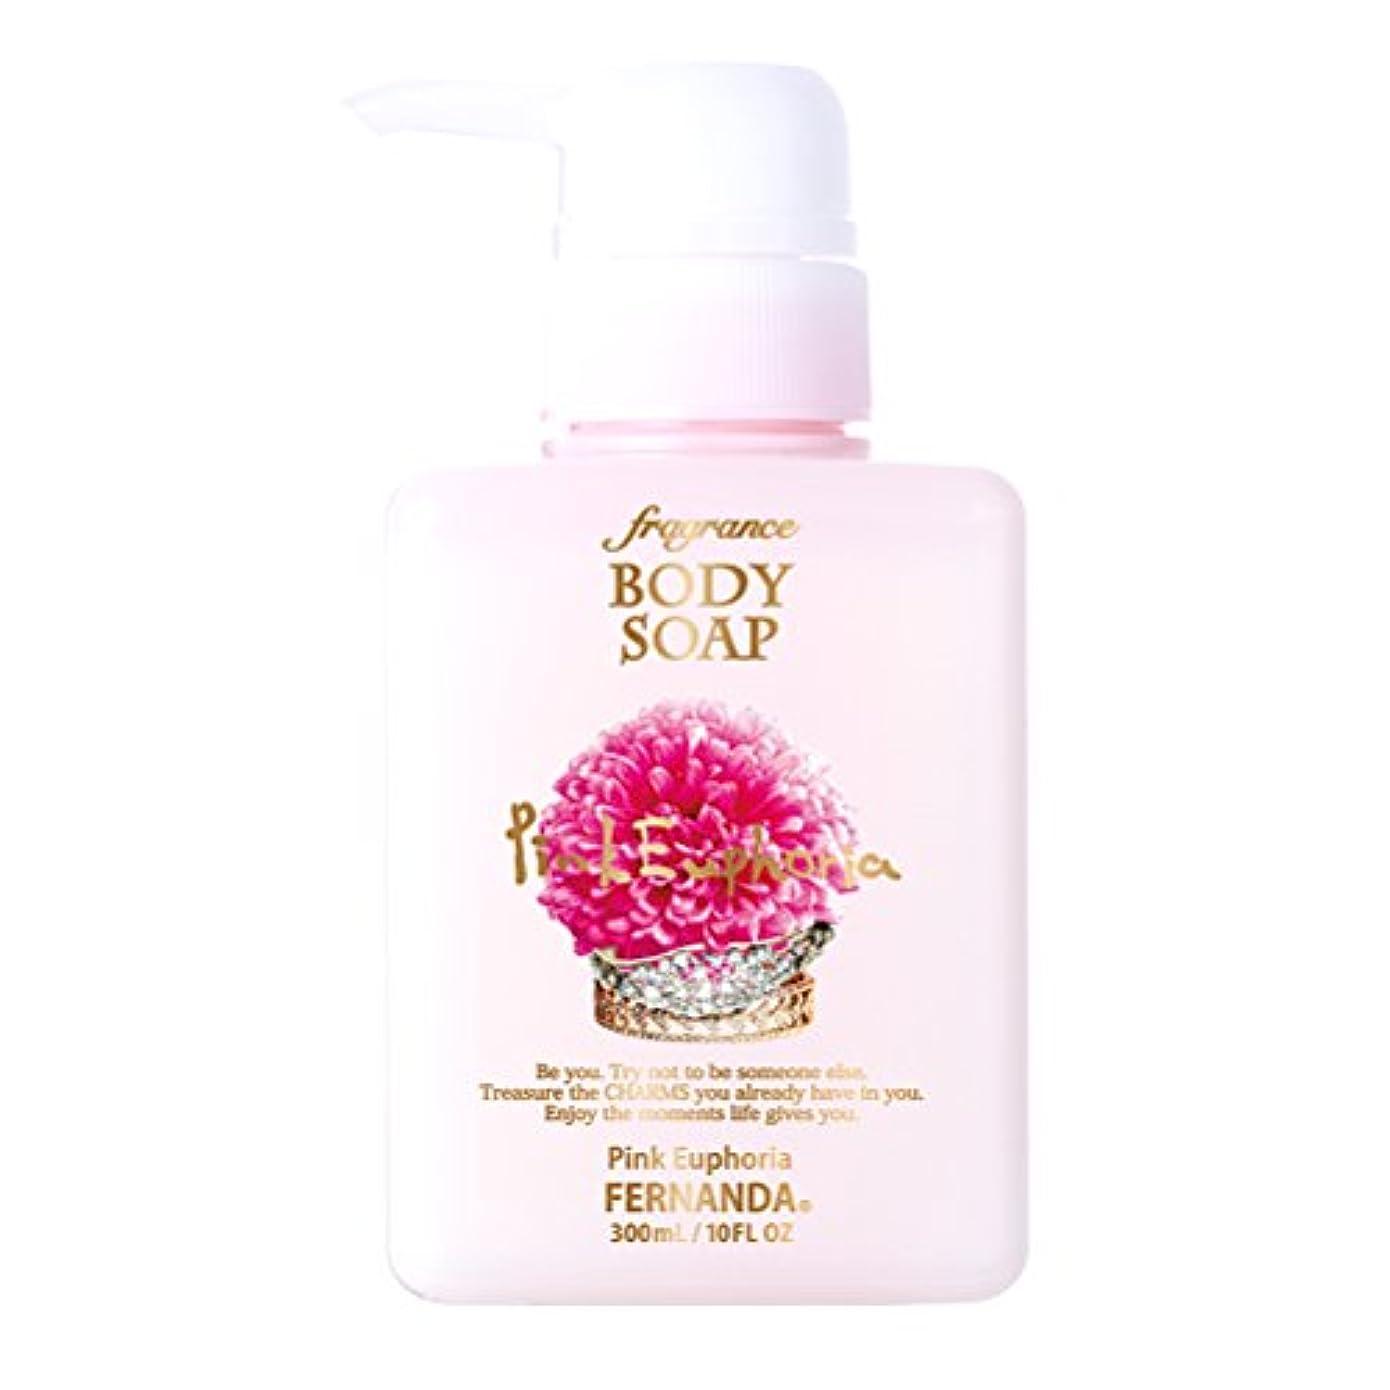 シャッター策定する創造FERNANDA(フェルナンダ) Fragrance Body Soap Pink Euphoria (ボディソープ ピンクエウフォリア)